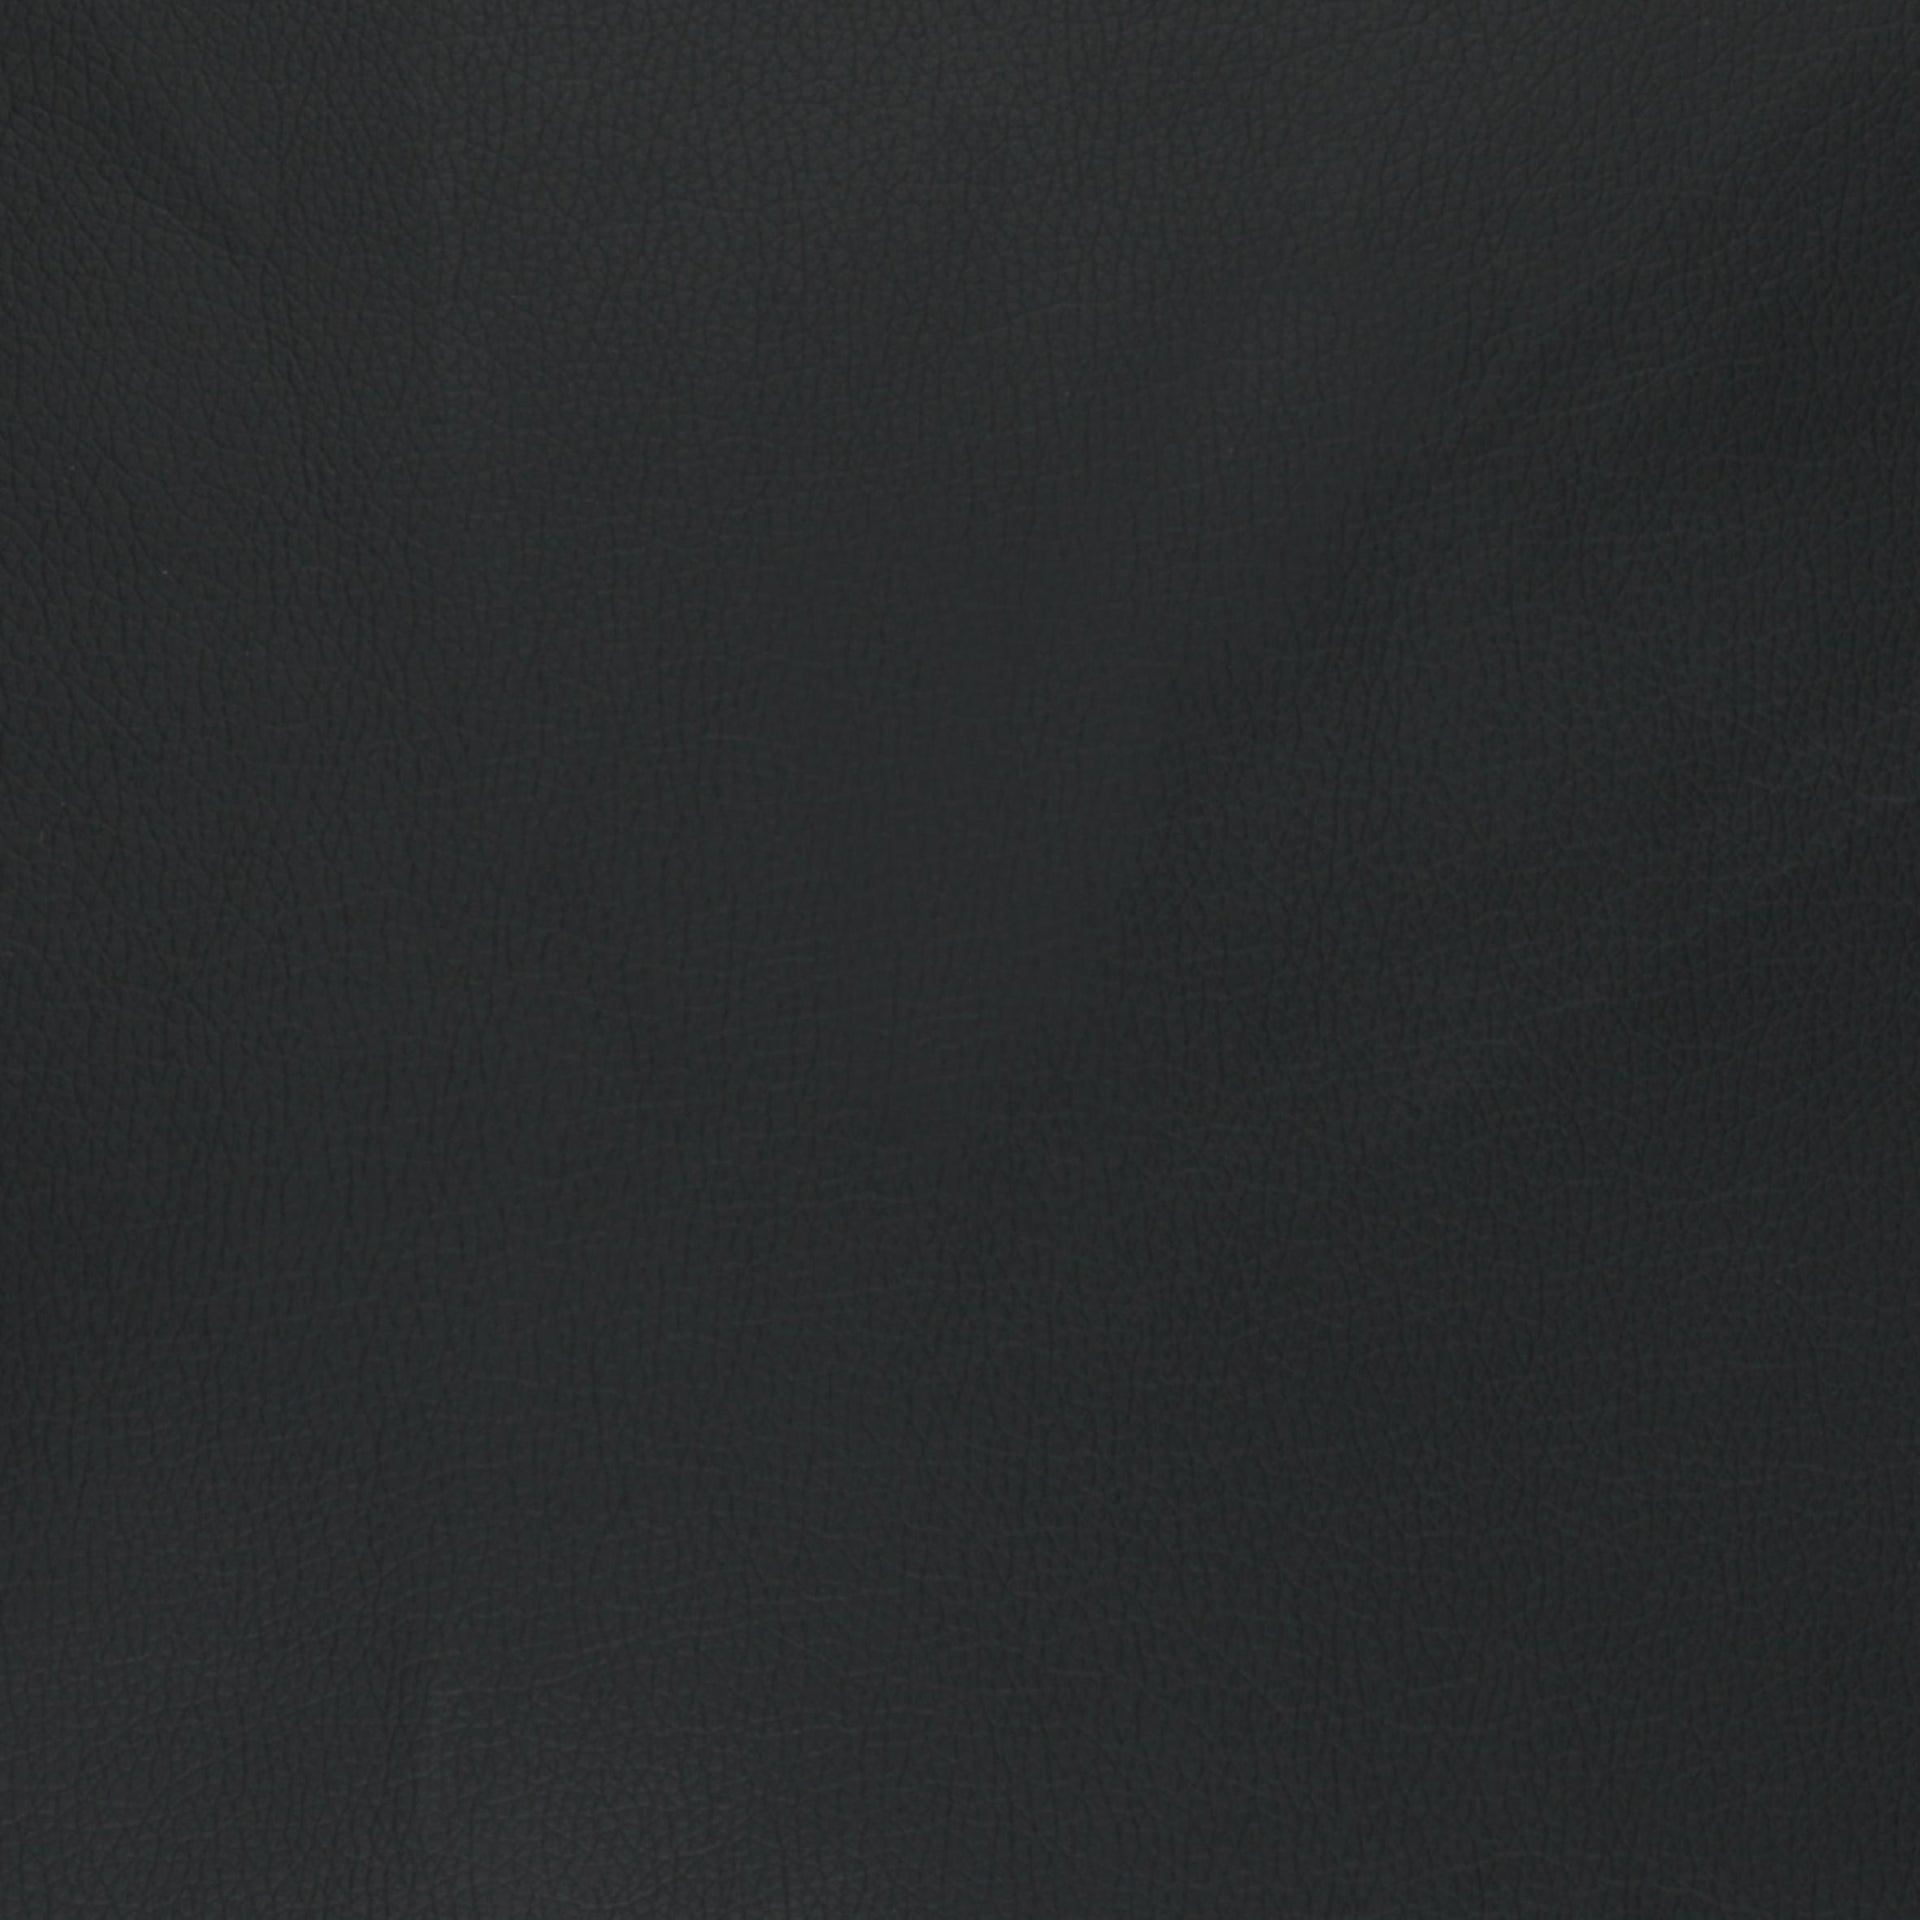 Cuscino Silvia nero 60x60 cm - 8